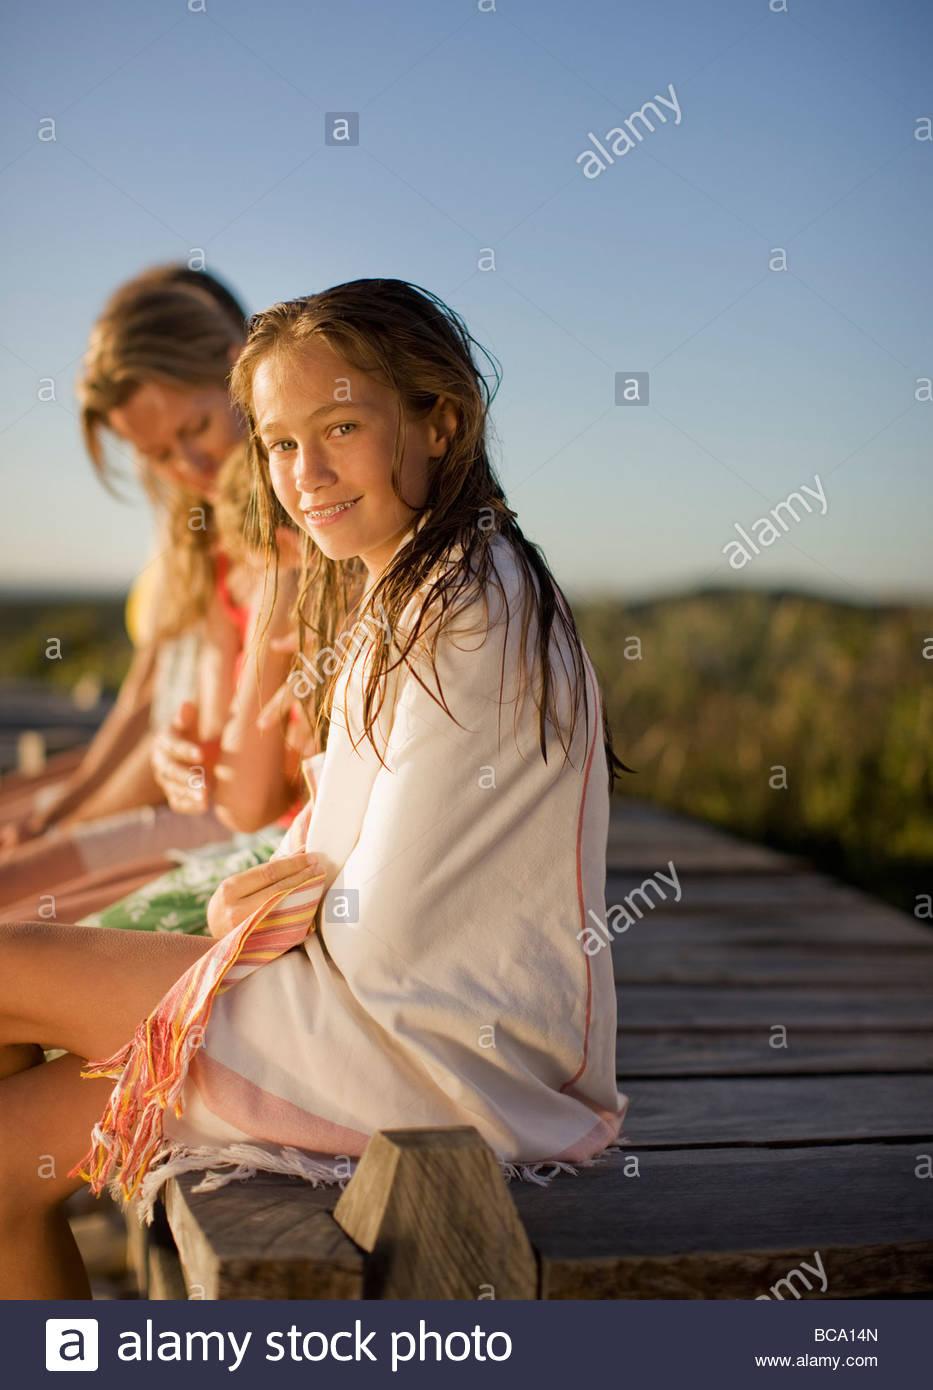 Familia sentada en el muelle Imagen De Stock